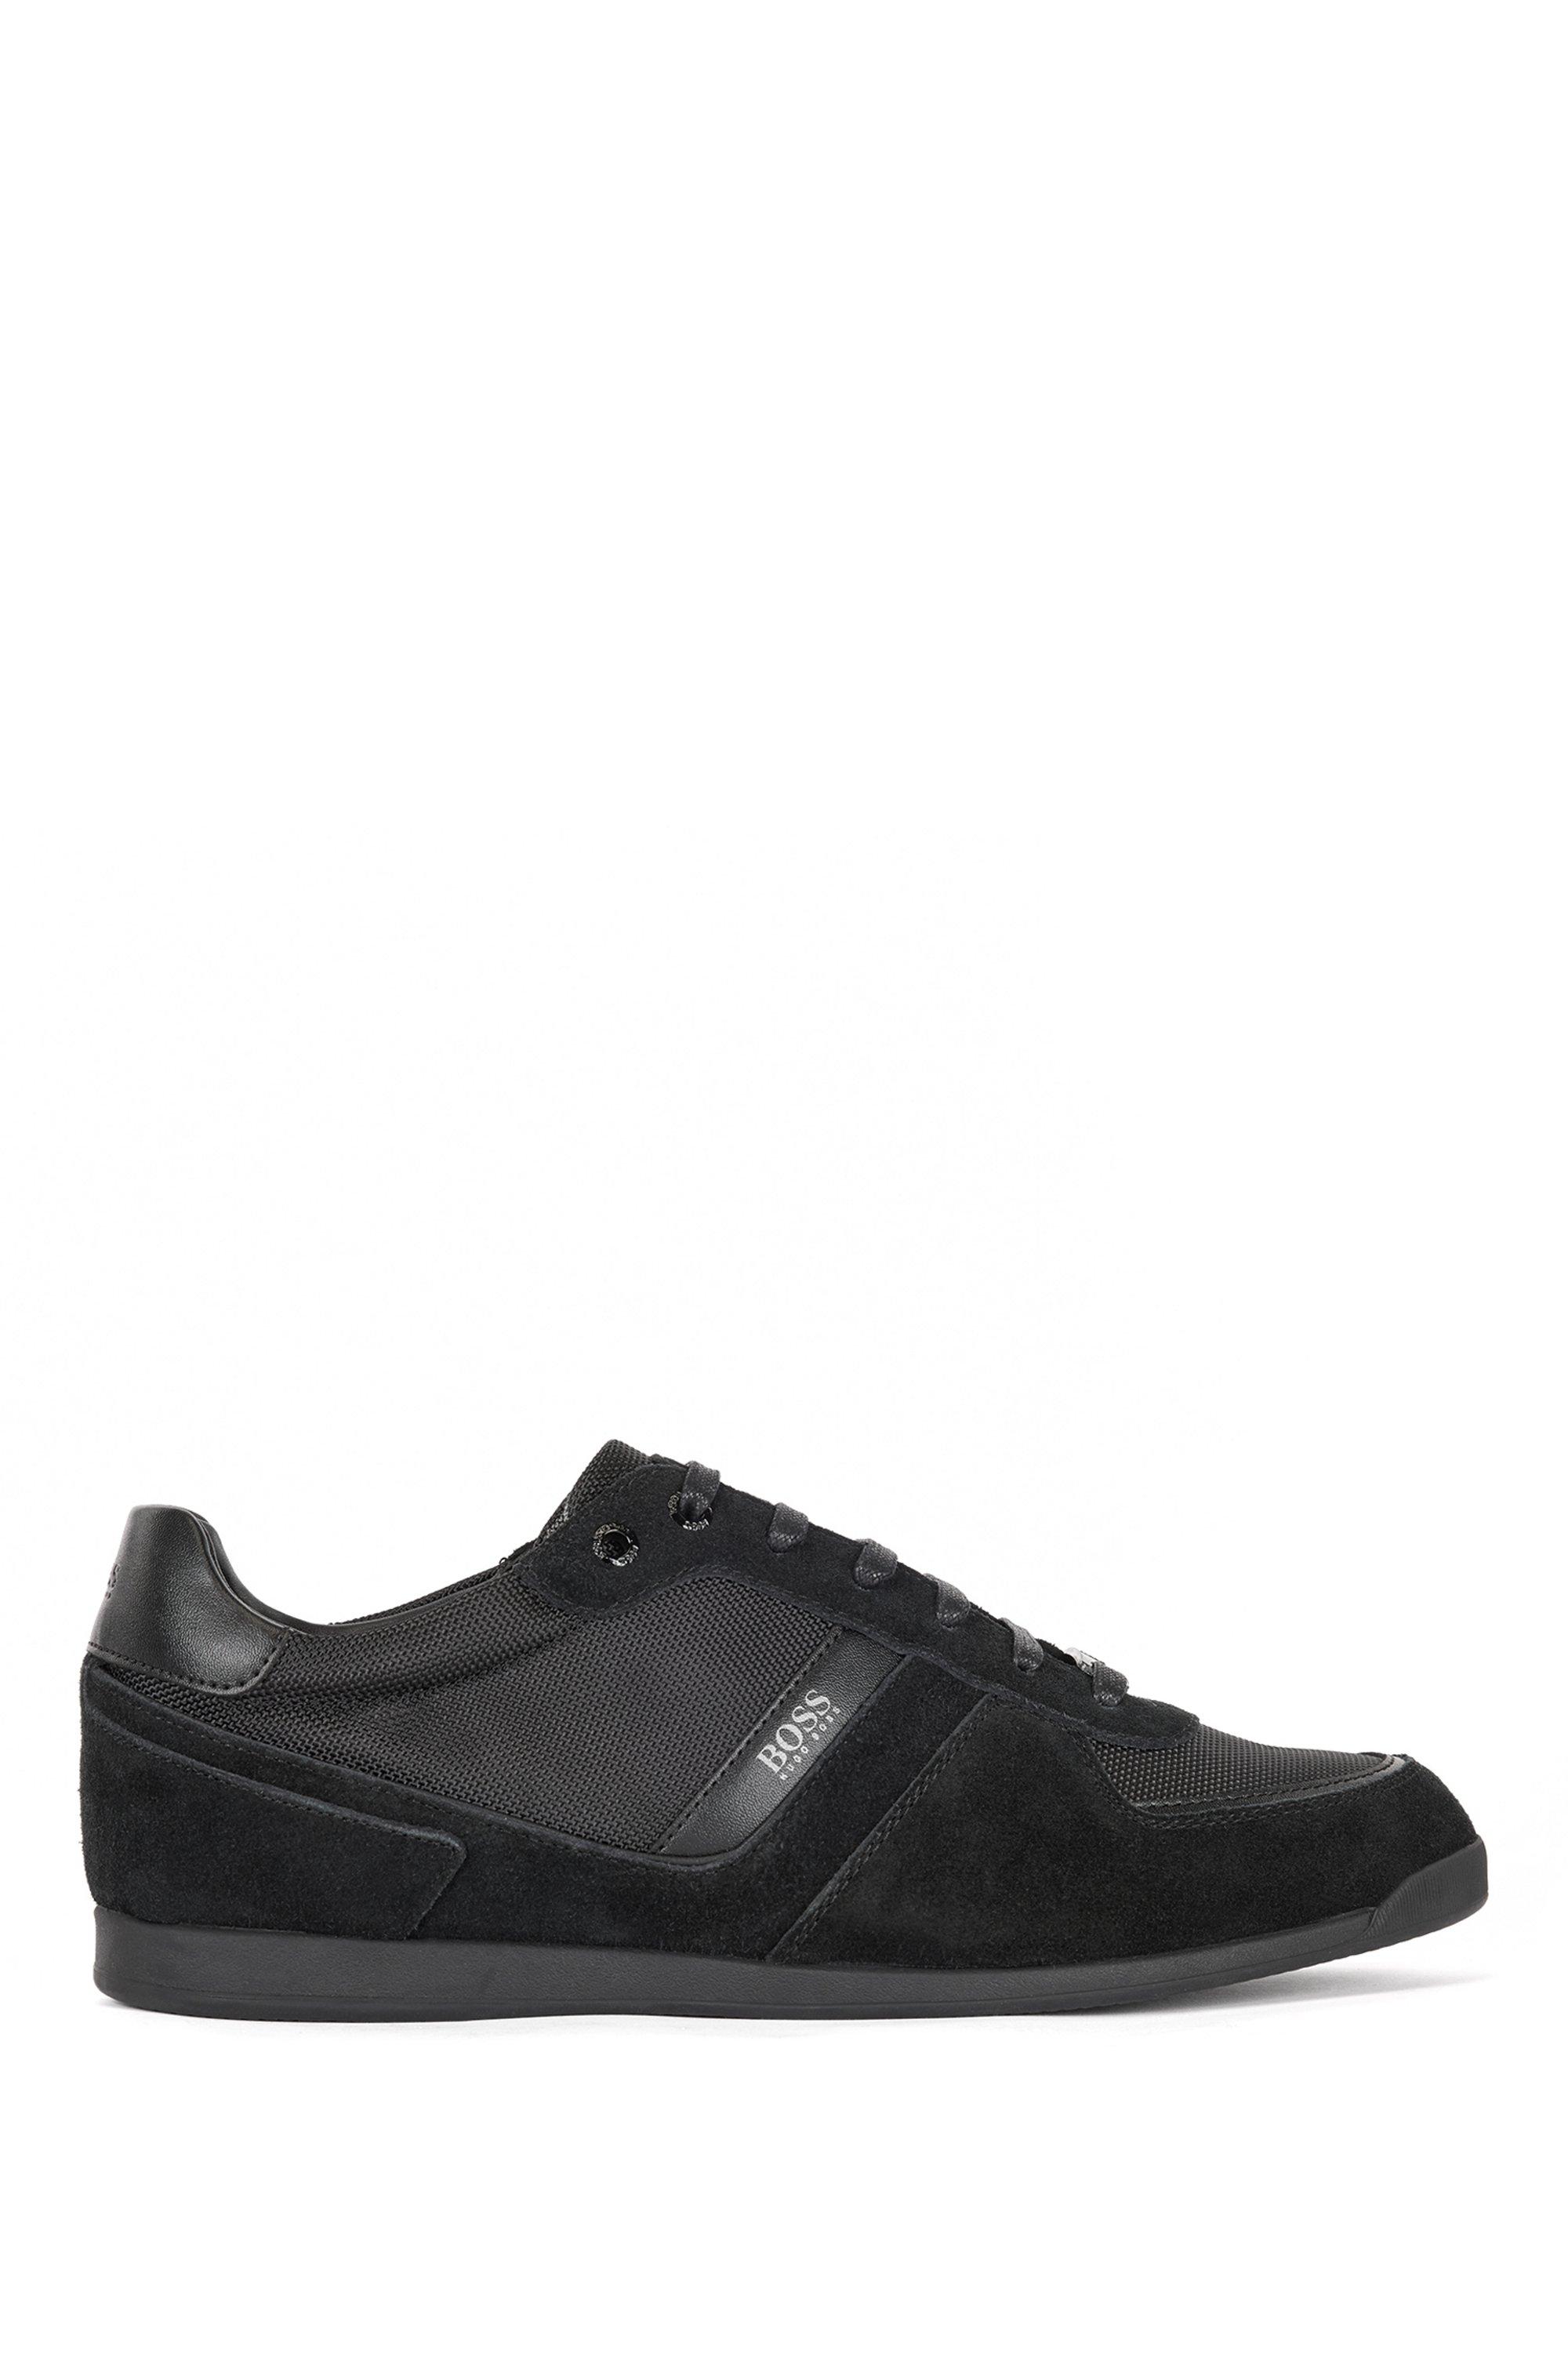 Sneakers low-top in pelle, pelle scamosciata e tessuto tecnico, Nero